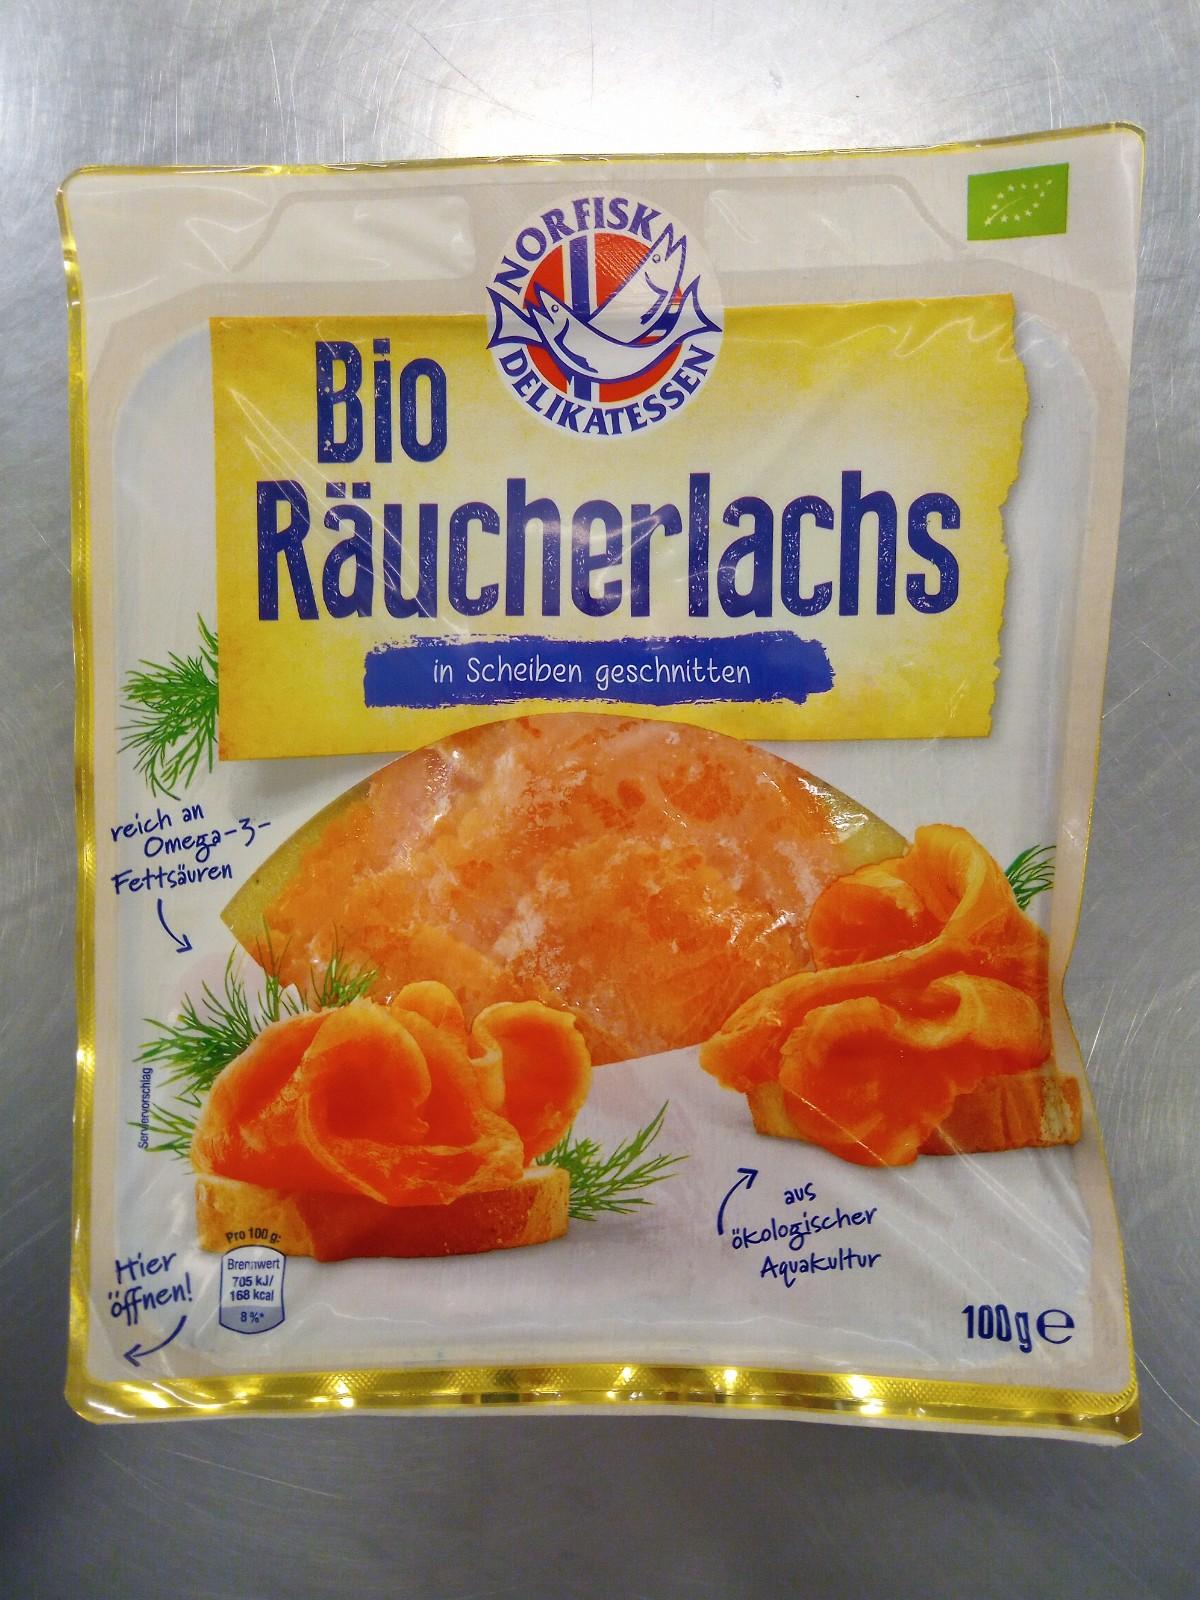 Produktrueckruf Norfisk Bio Raeucherlachs